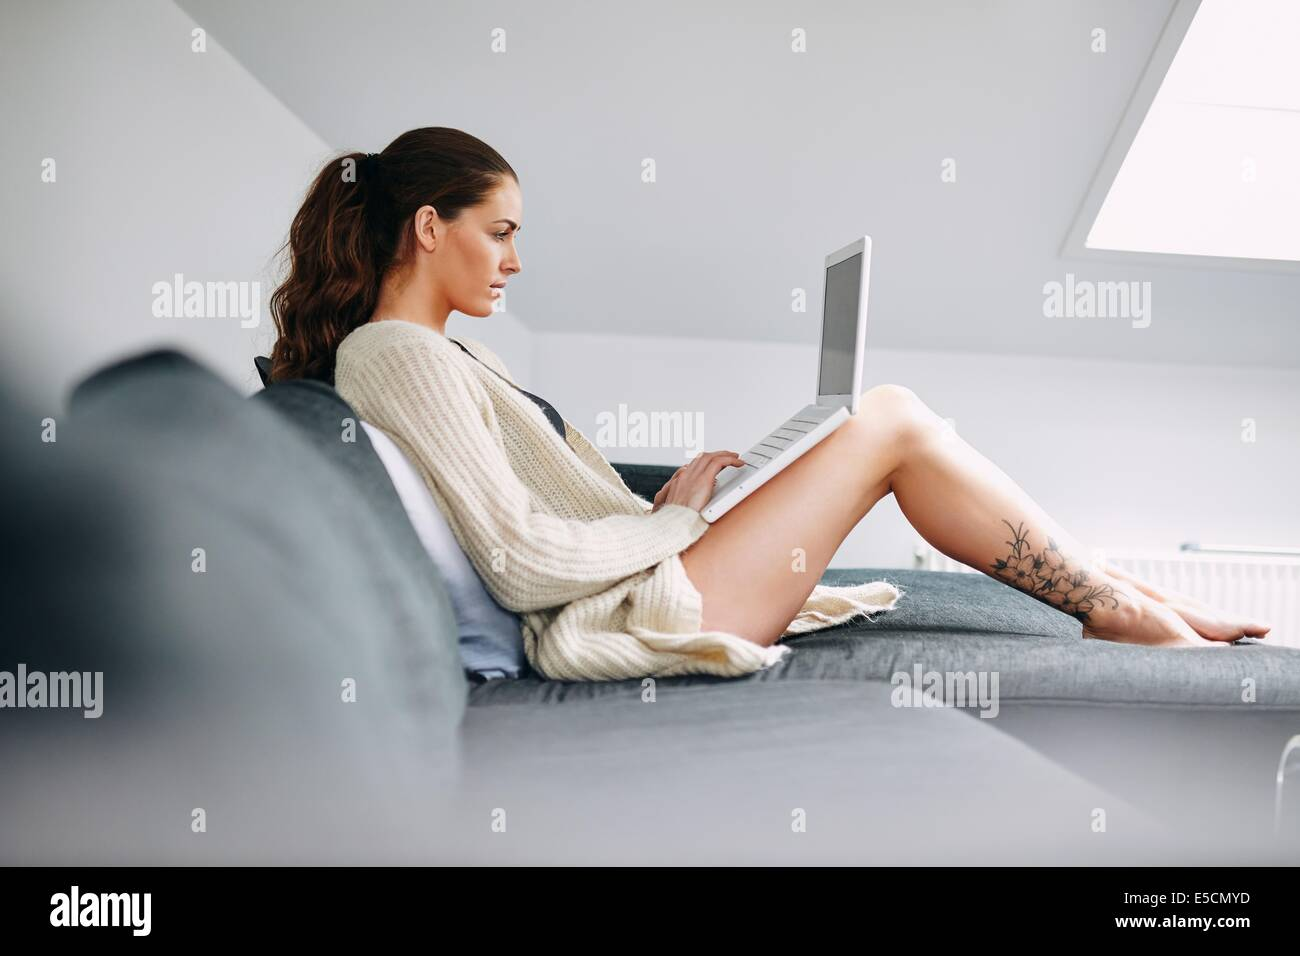 Seitenansicht der jungen Dame auf Sofa mit Laptop sitzen. Kaukasische weibliches Model auf Couch Surfen Internet Stockbild